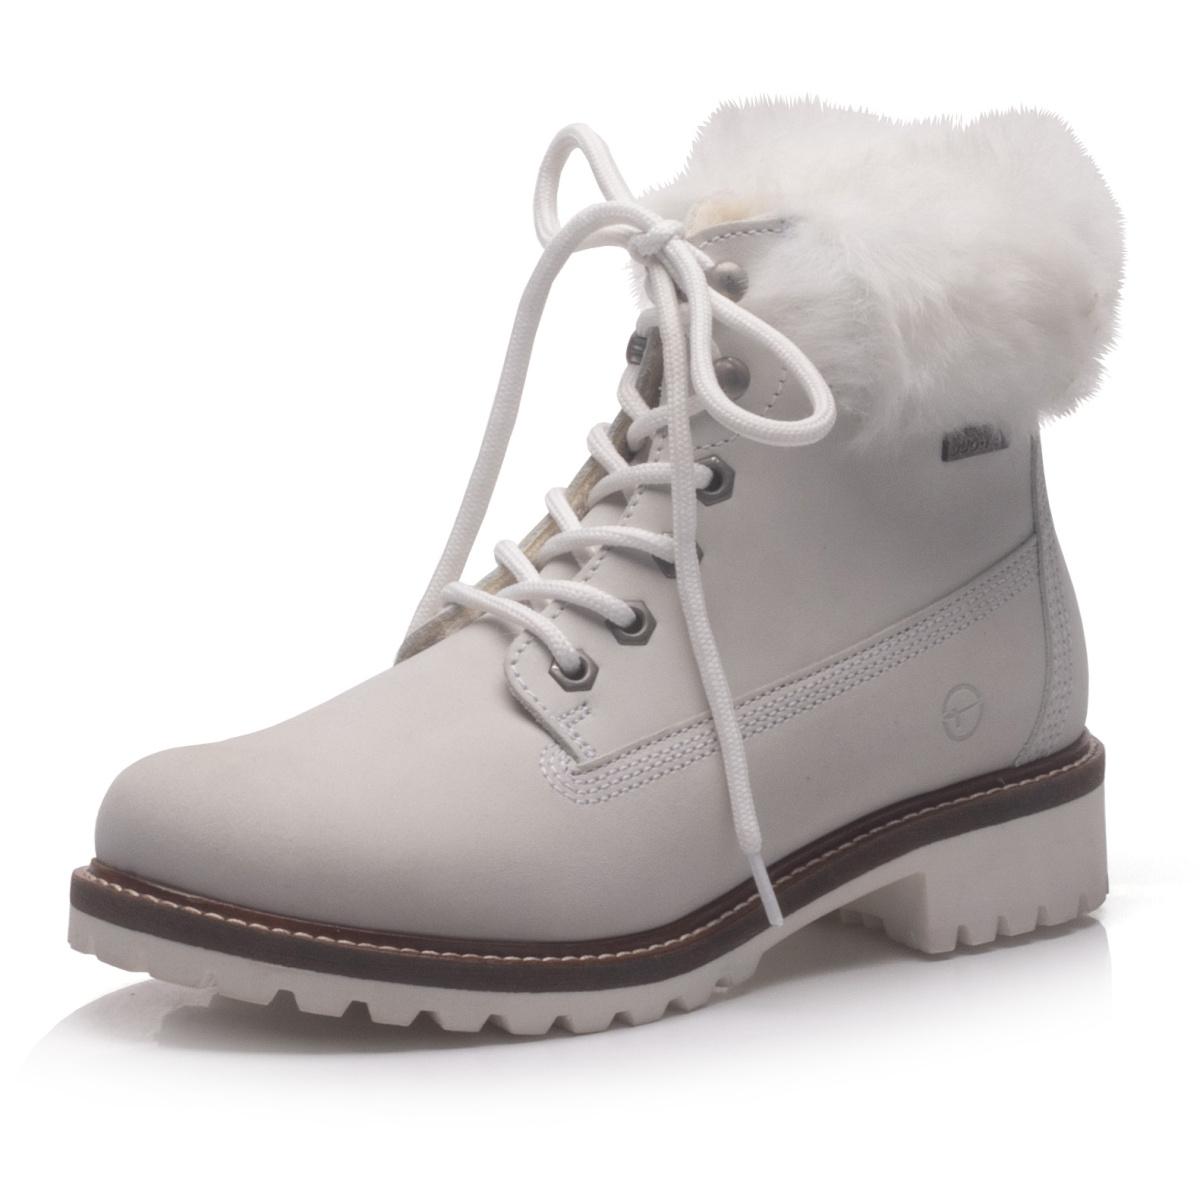 47d86b1608 detail Dámská obuv TAMARIS 1-1-26294-21 WHITE FUR 130